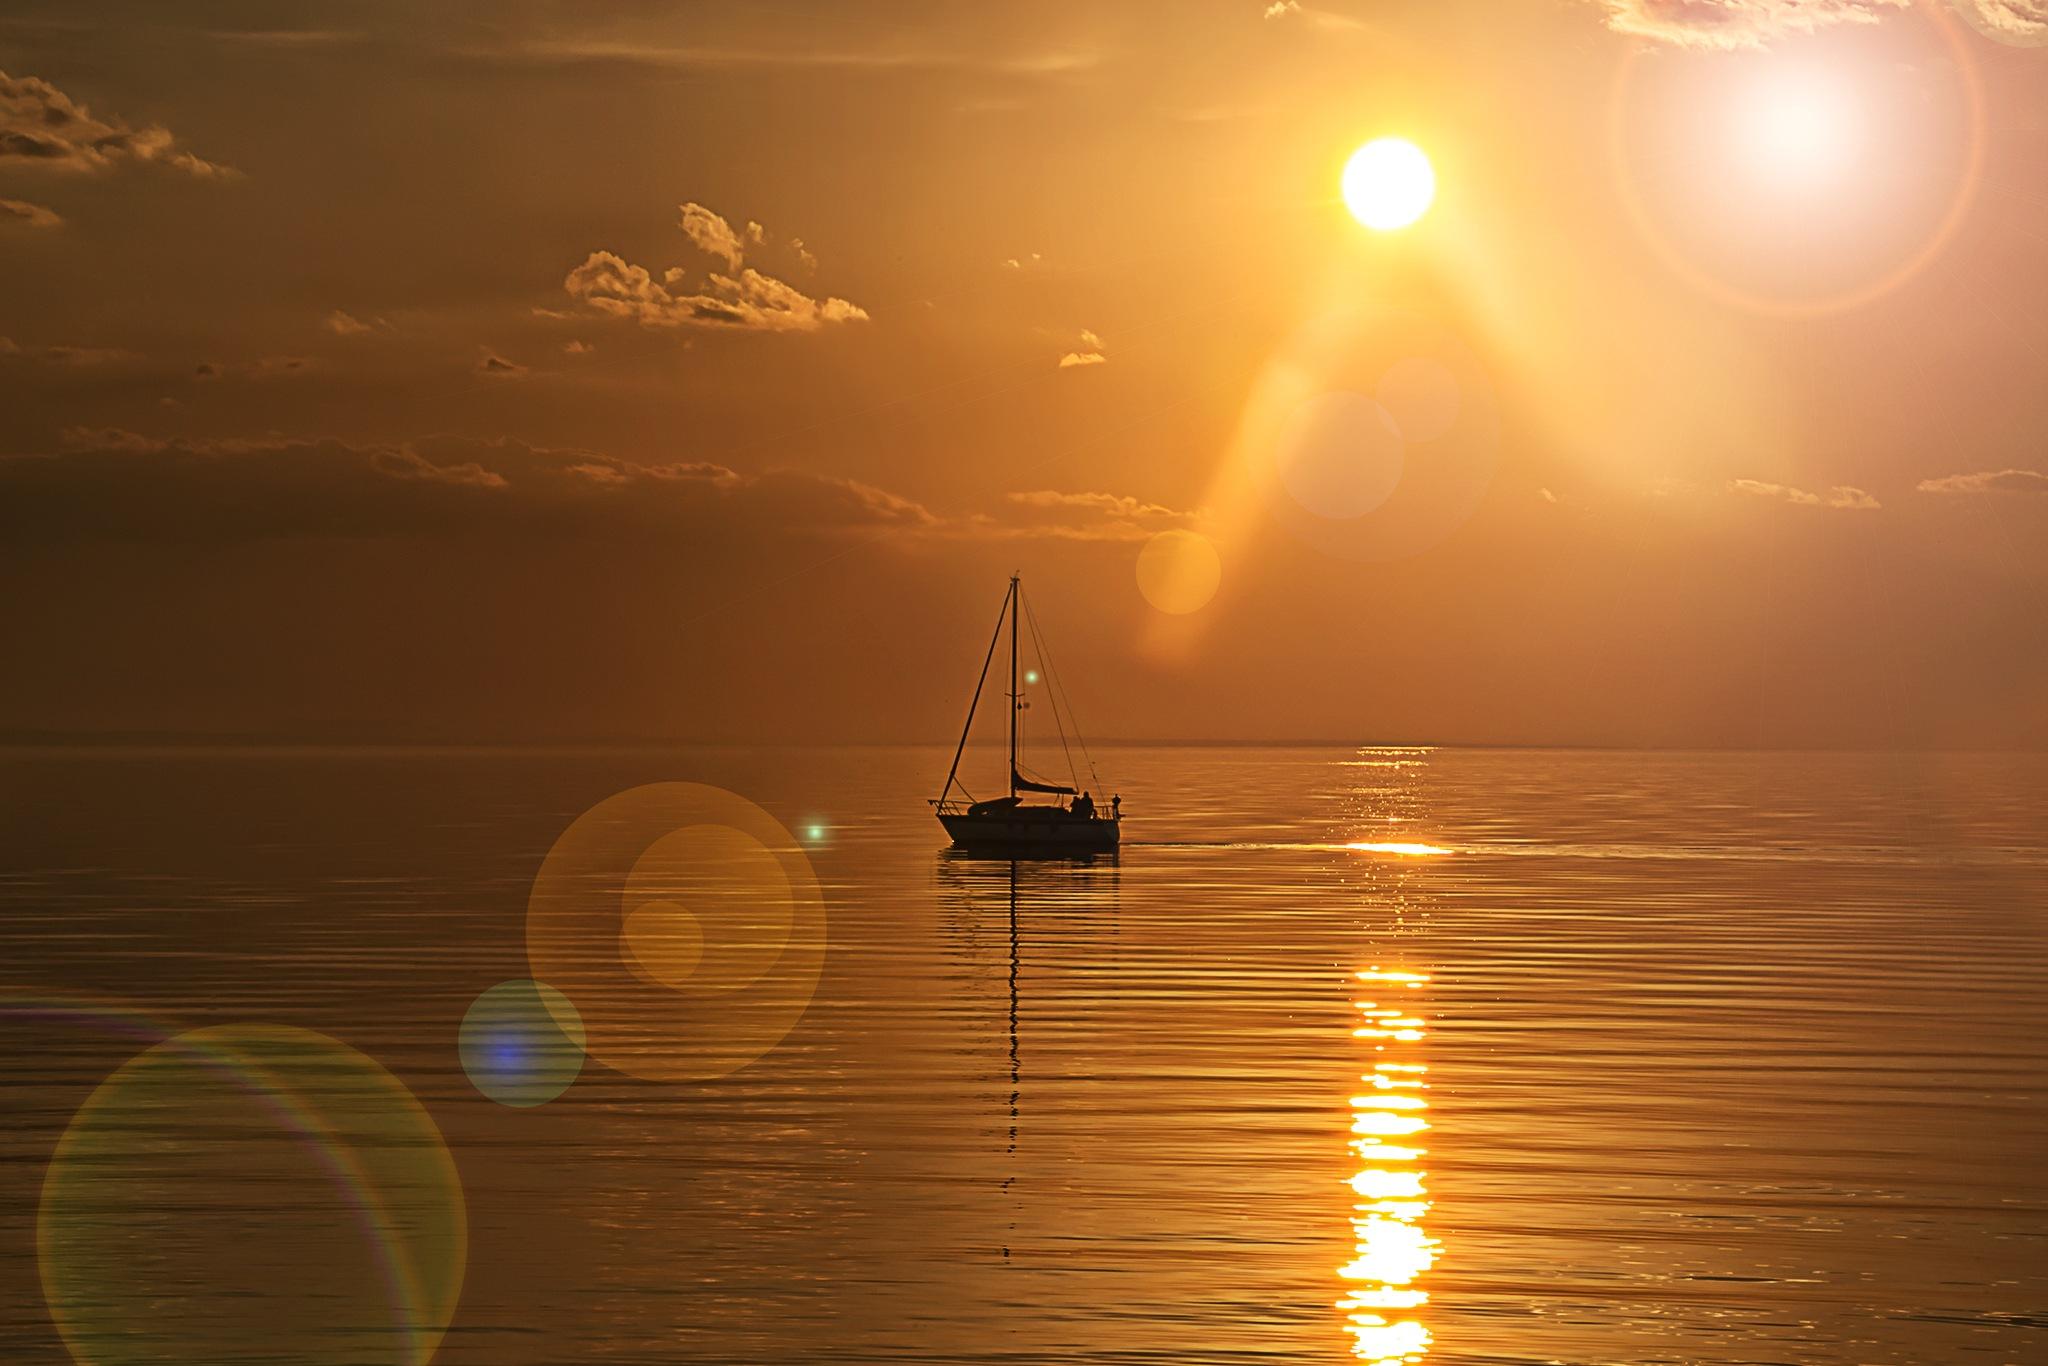 Akşamın güzelliği by İbrahim YILDIZ